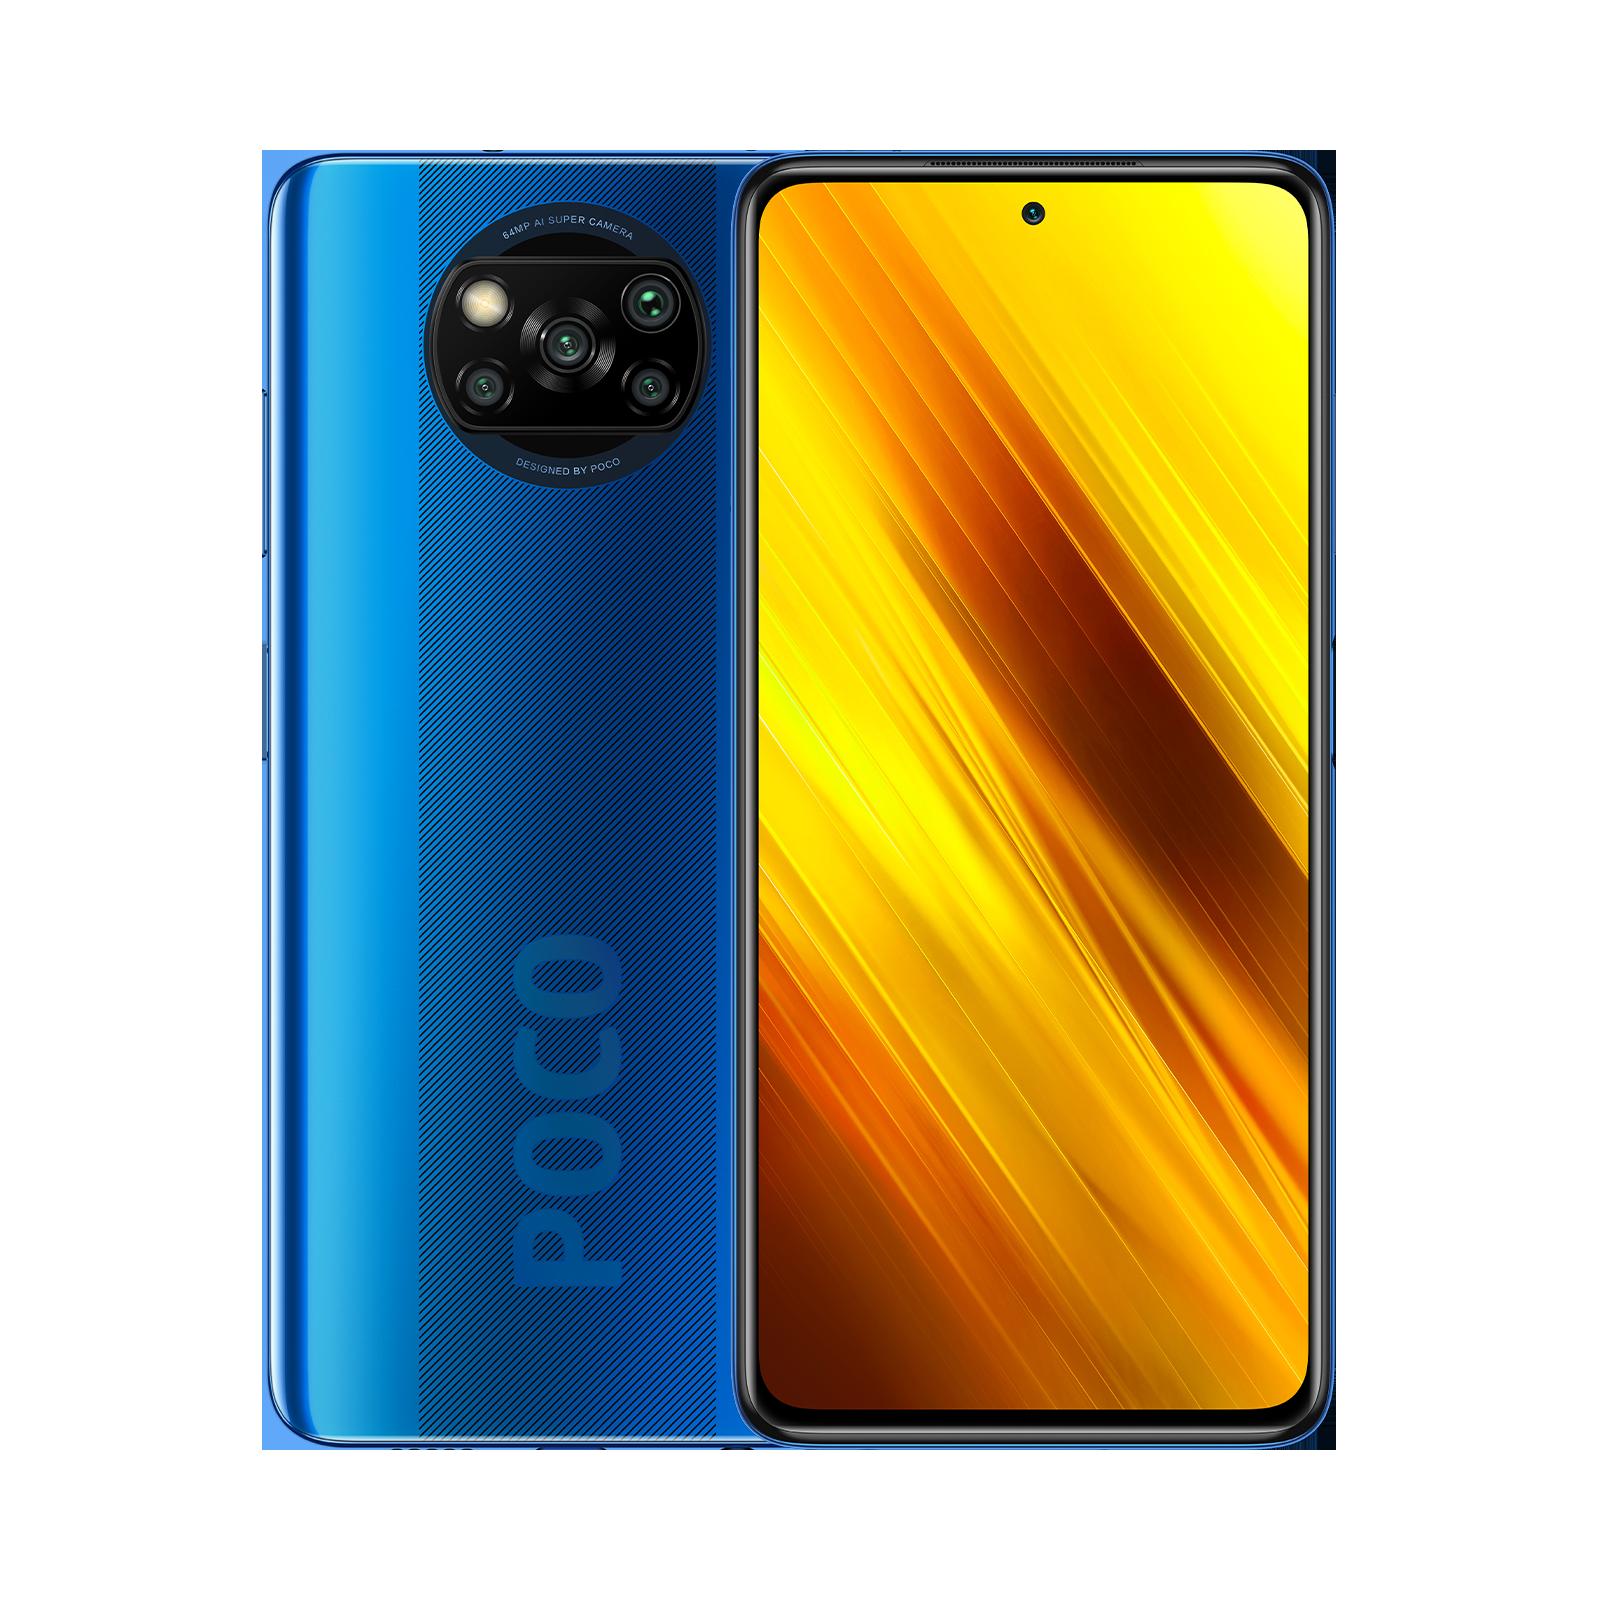 POCO X3 NFC versión de 6GB de Ram y 64GB de almacenamiento